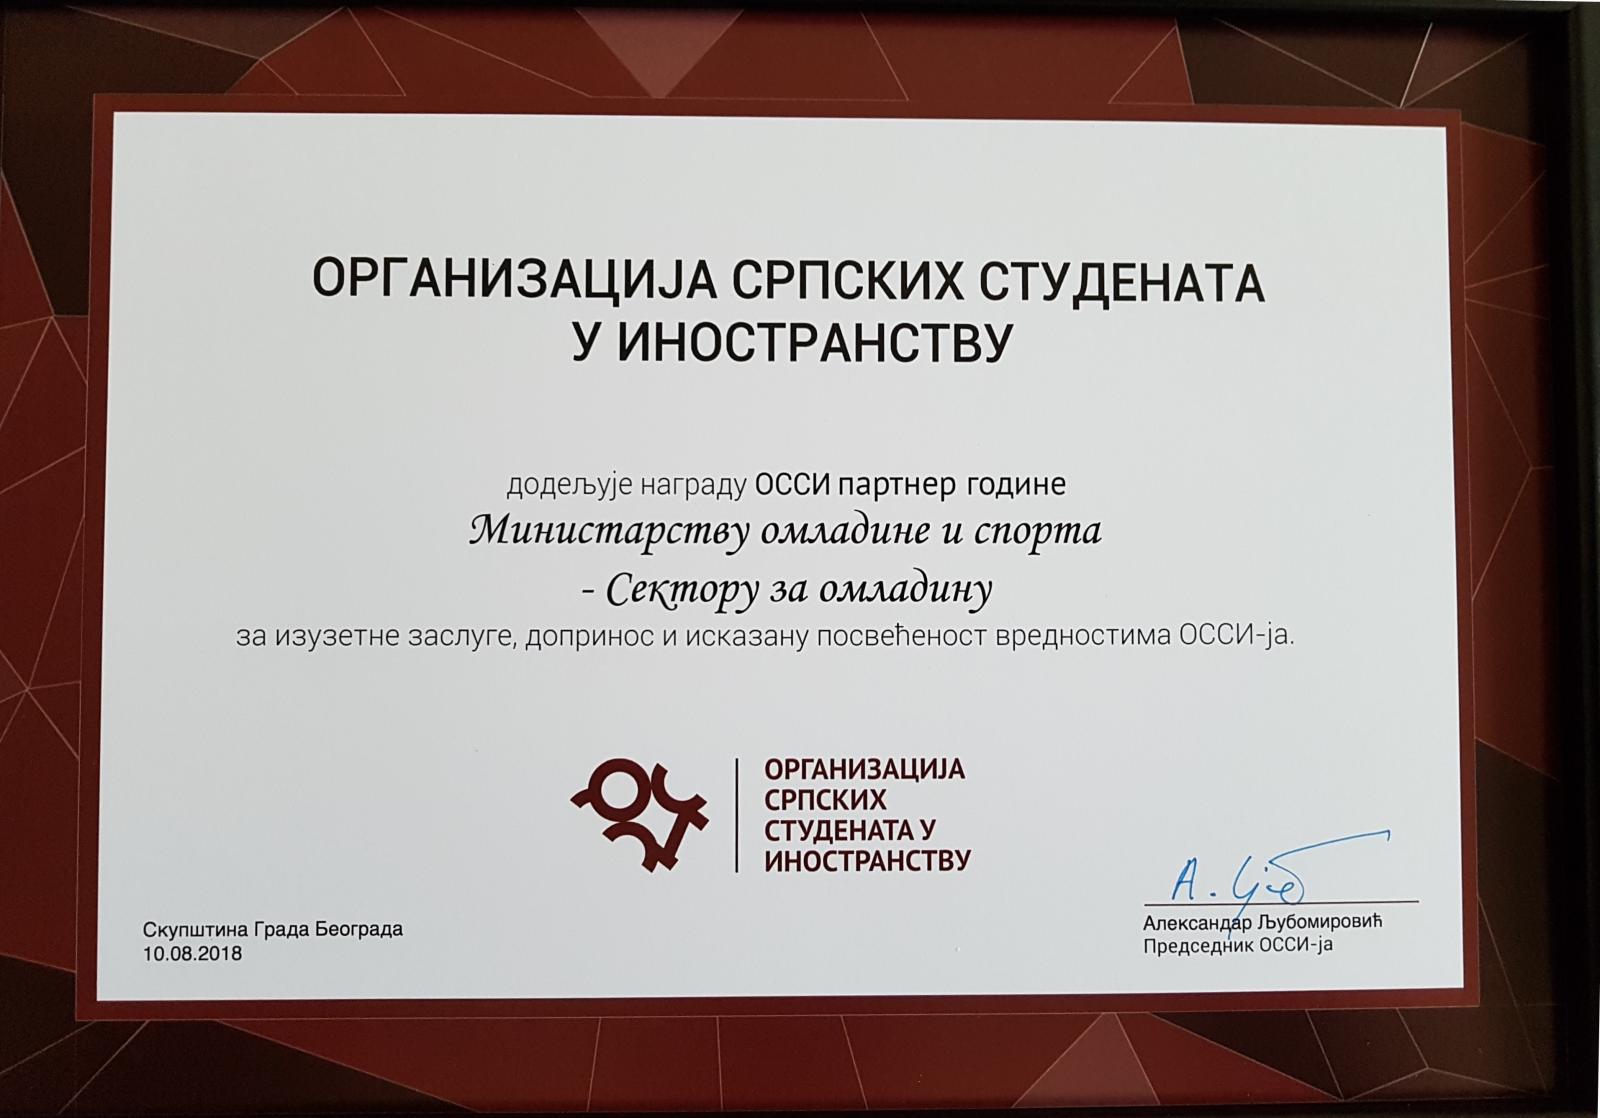 Министарству омладине и спорта додељена награда ОССИ партнер године